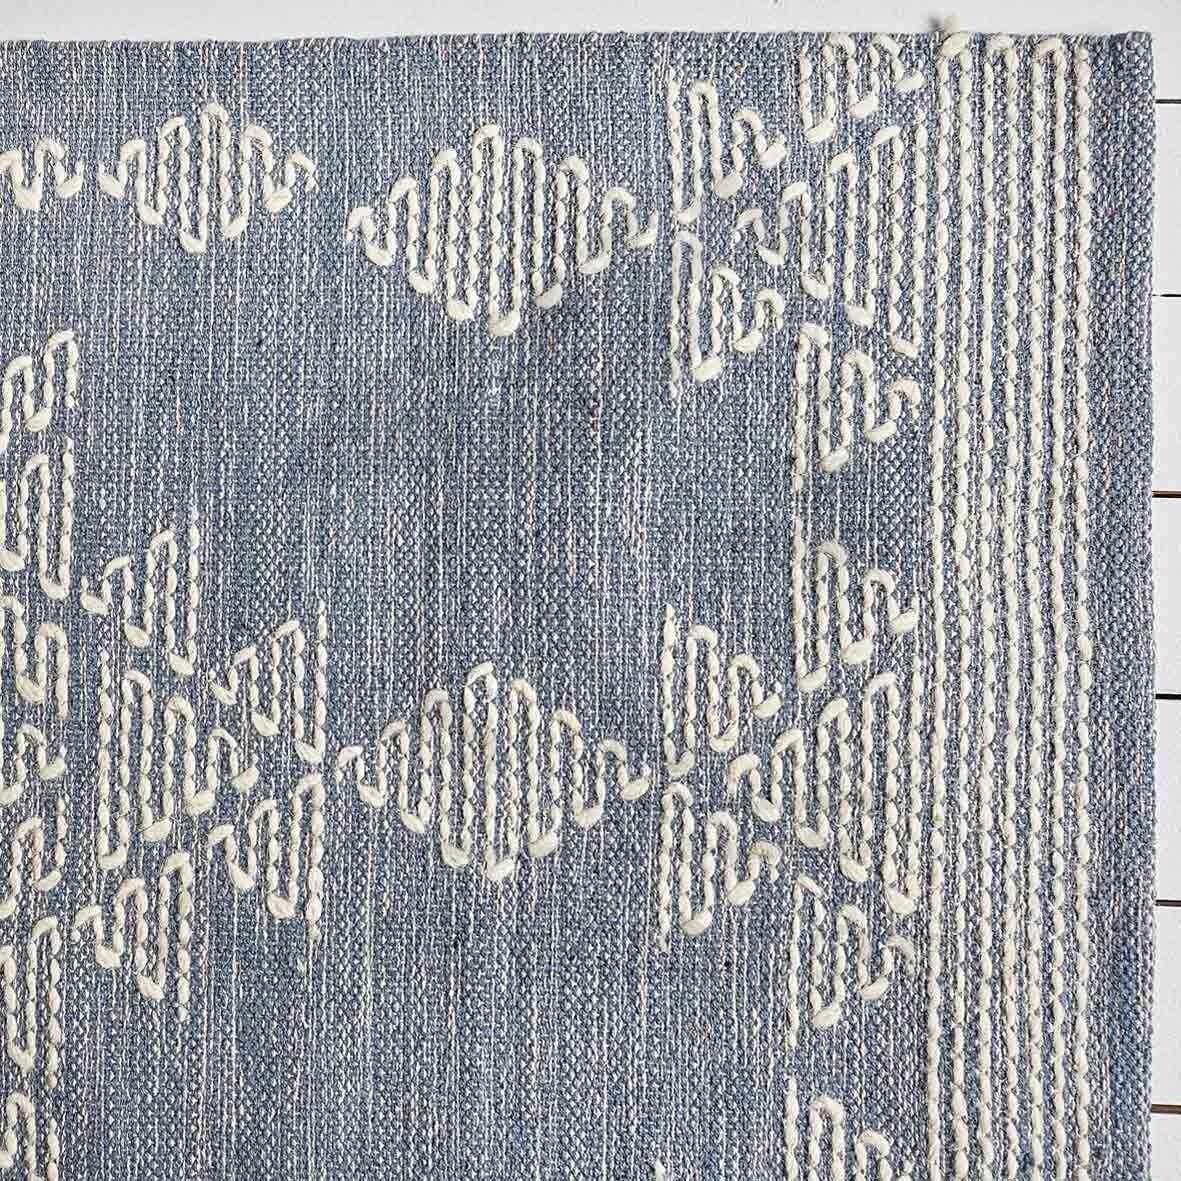 Тканая шерсть купить куплю неопрен ткань